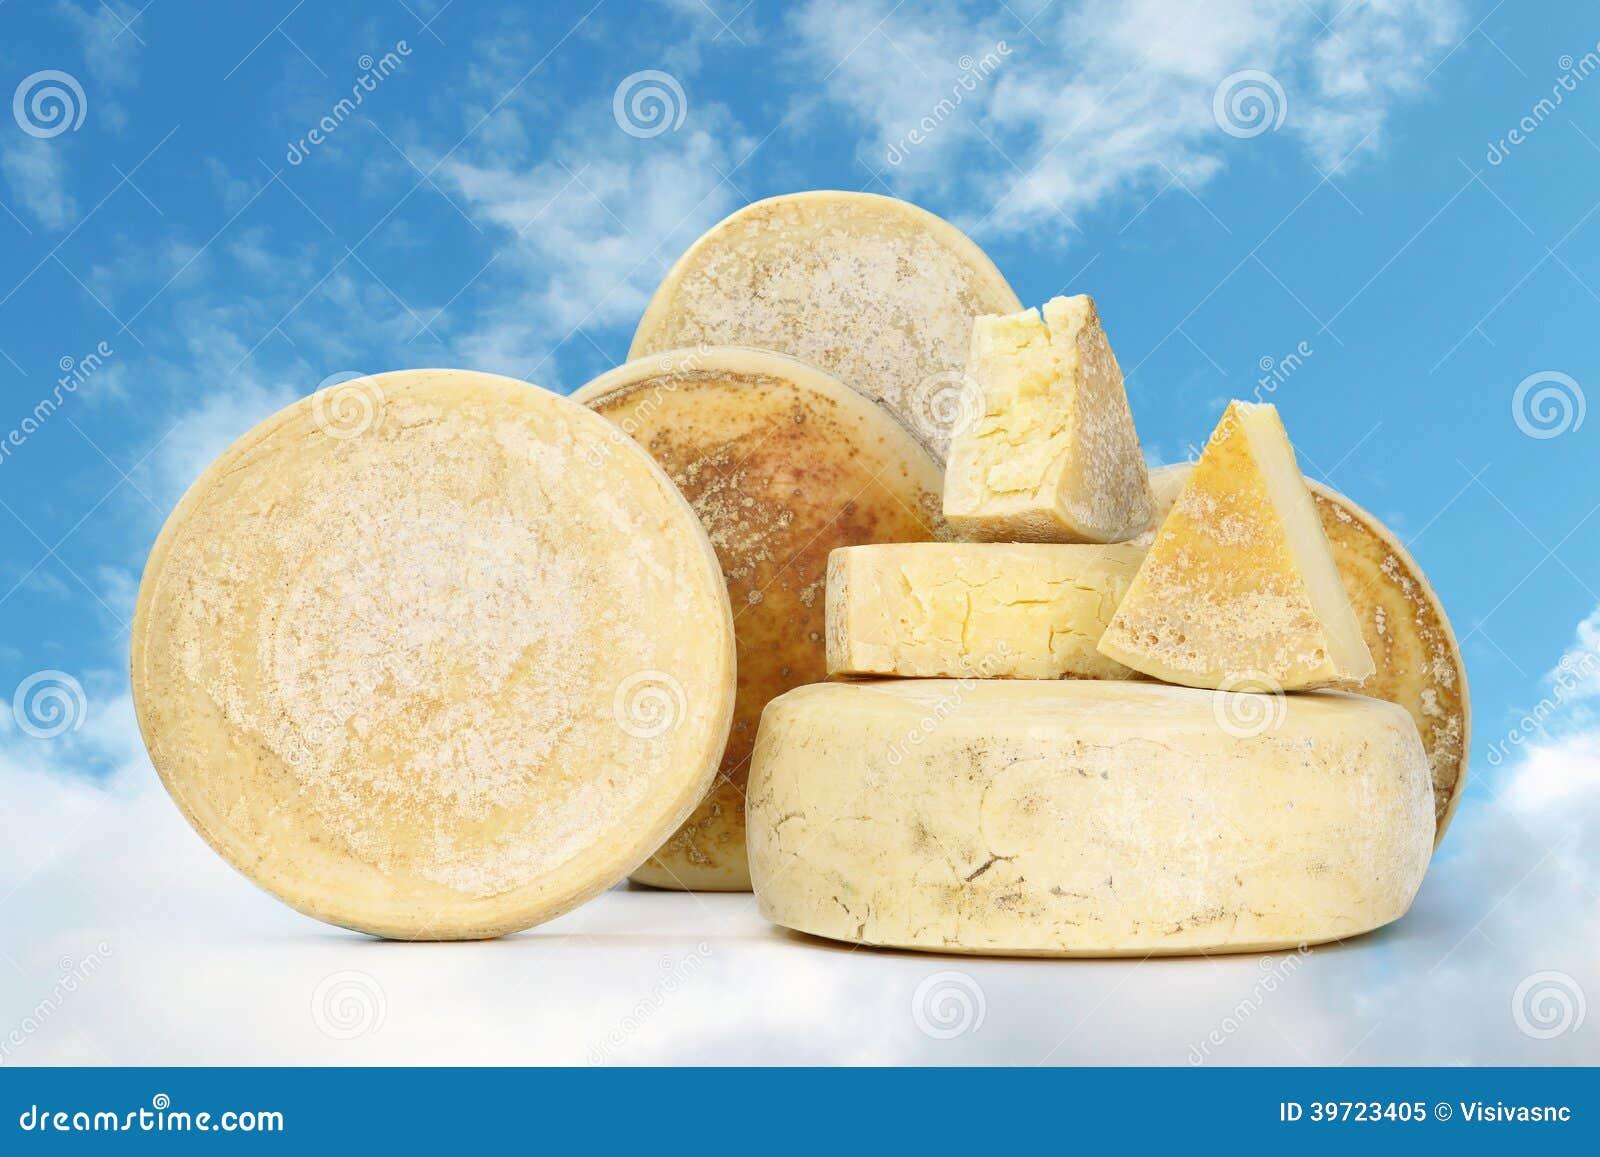 Olika typer av ost med bröd